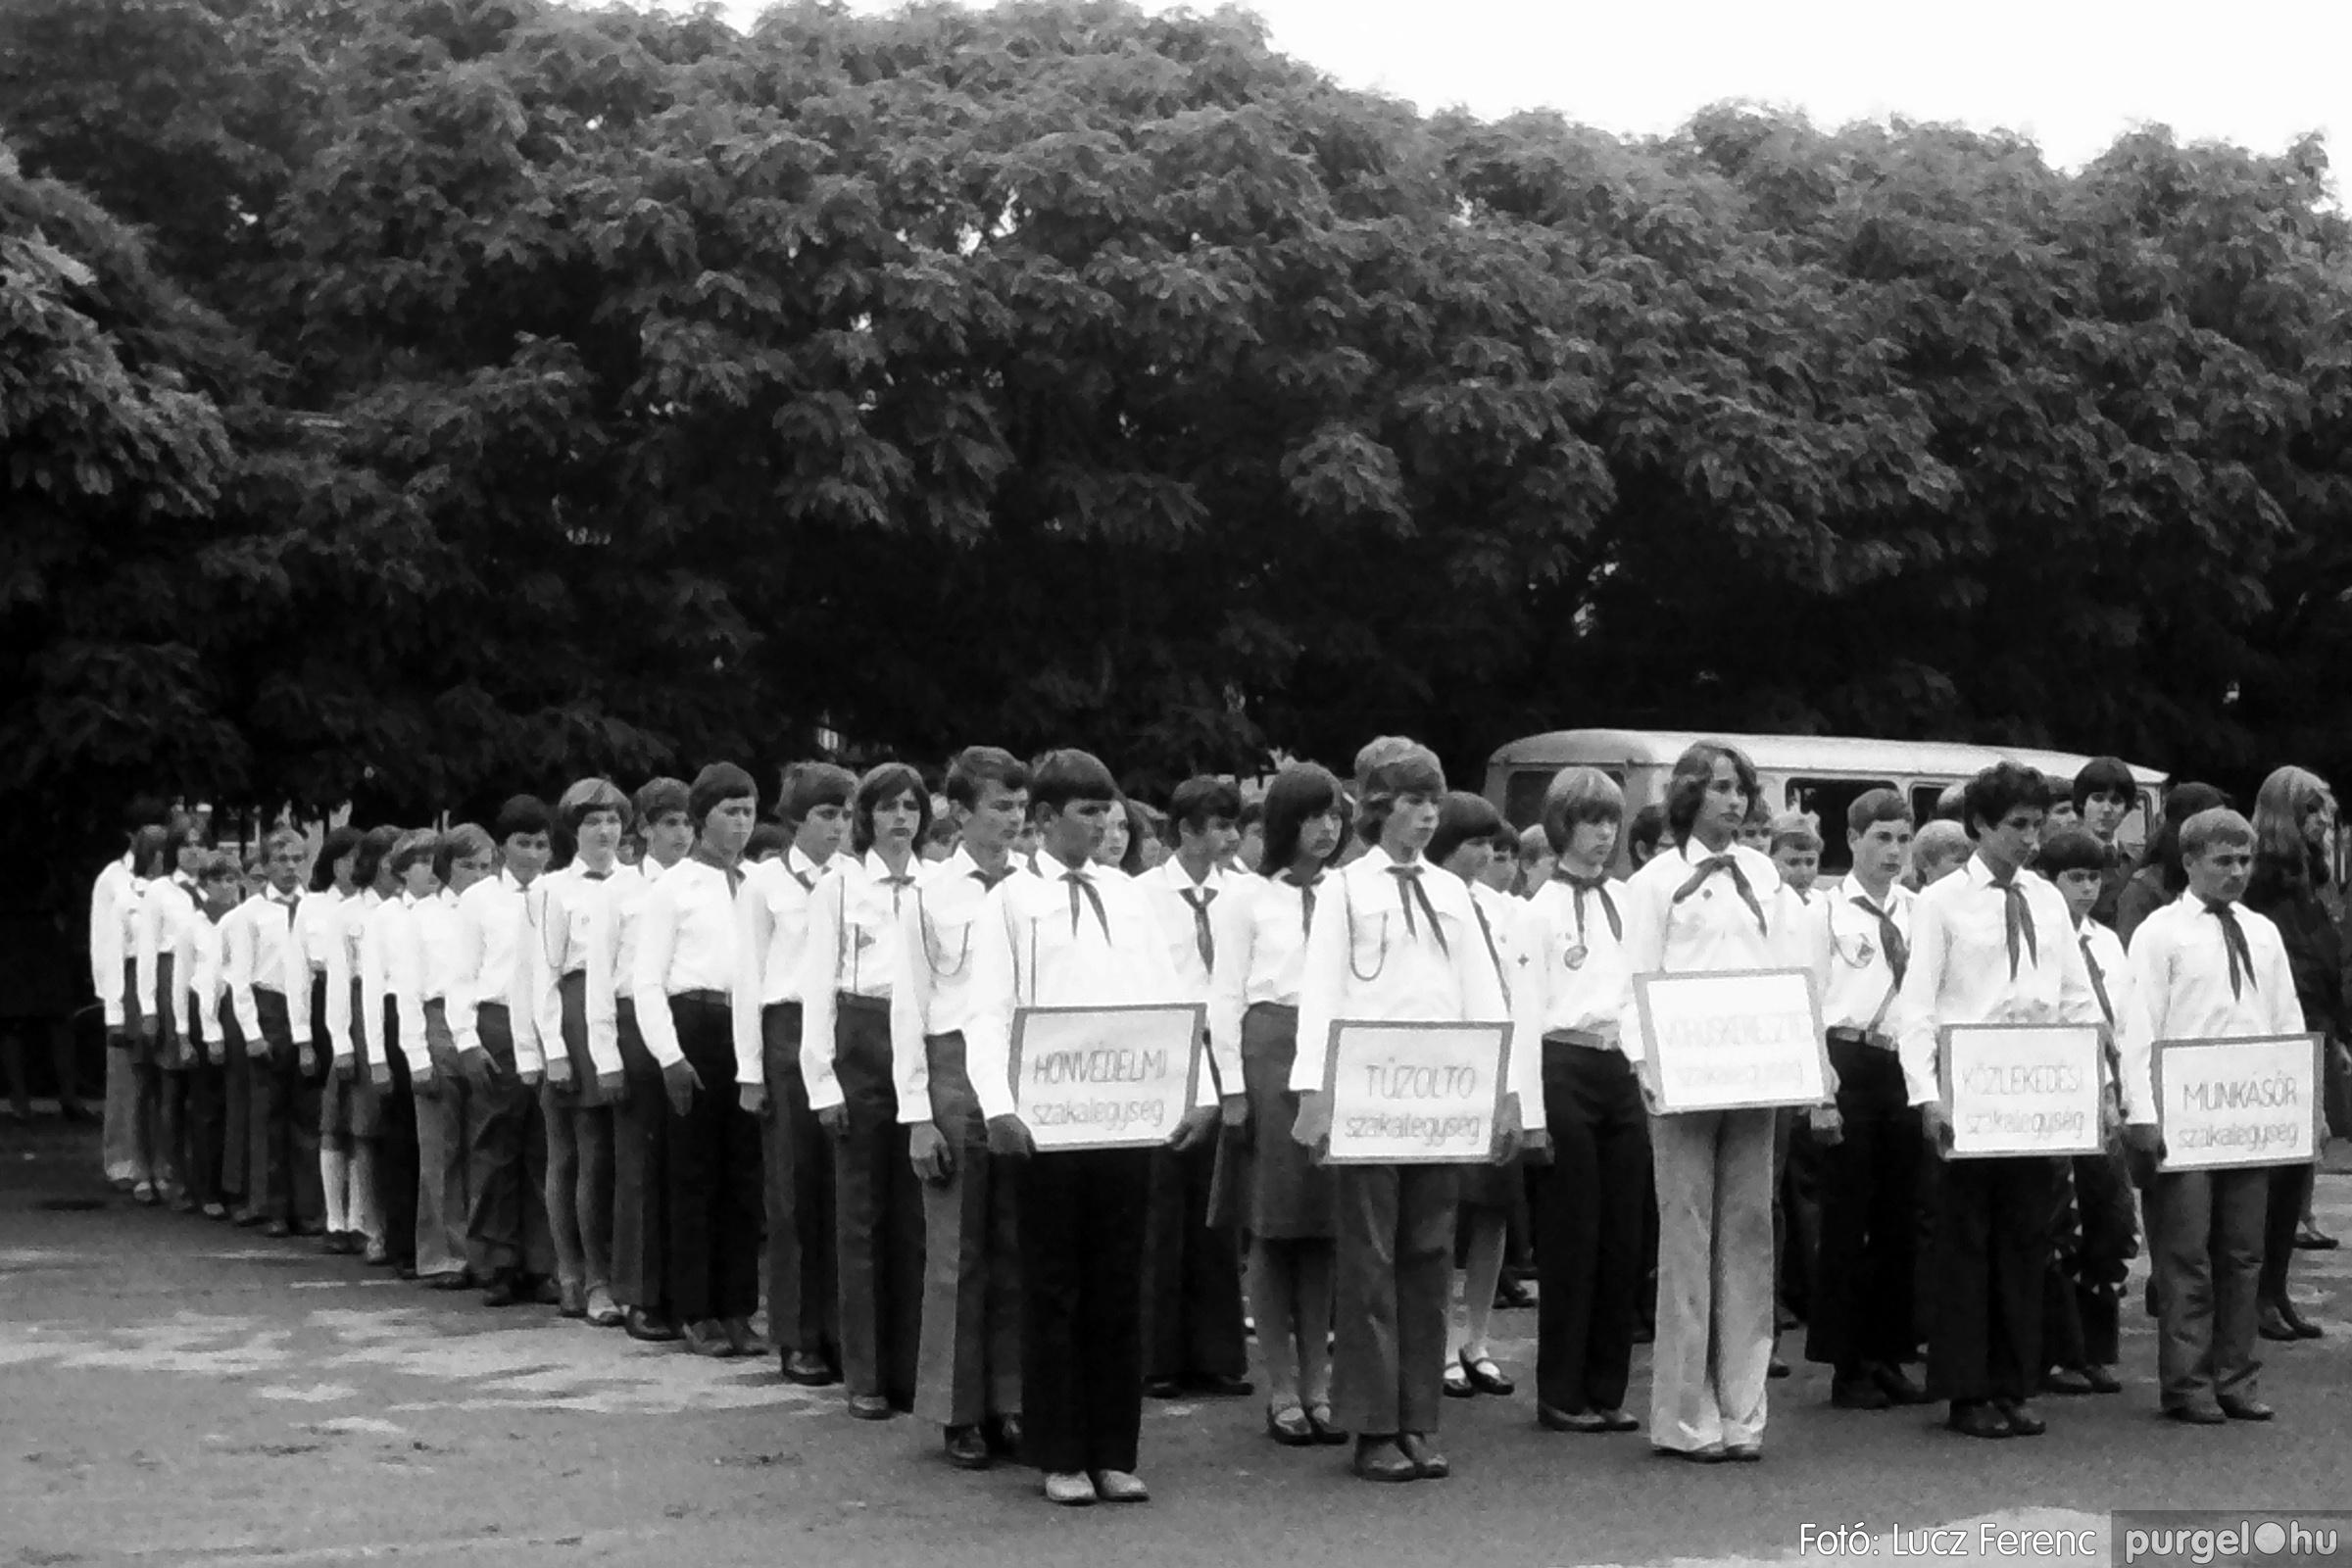 090. 1977. Úttörő gárda - ifjú gárda seregszemle 010. - Fotó: Lucz Ferenc.jpg